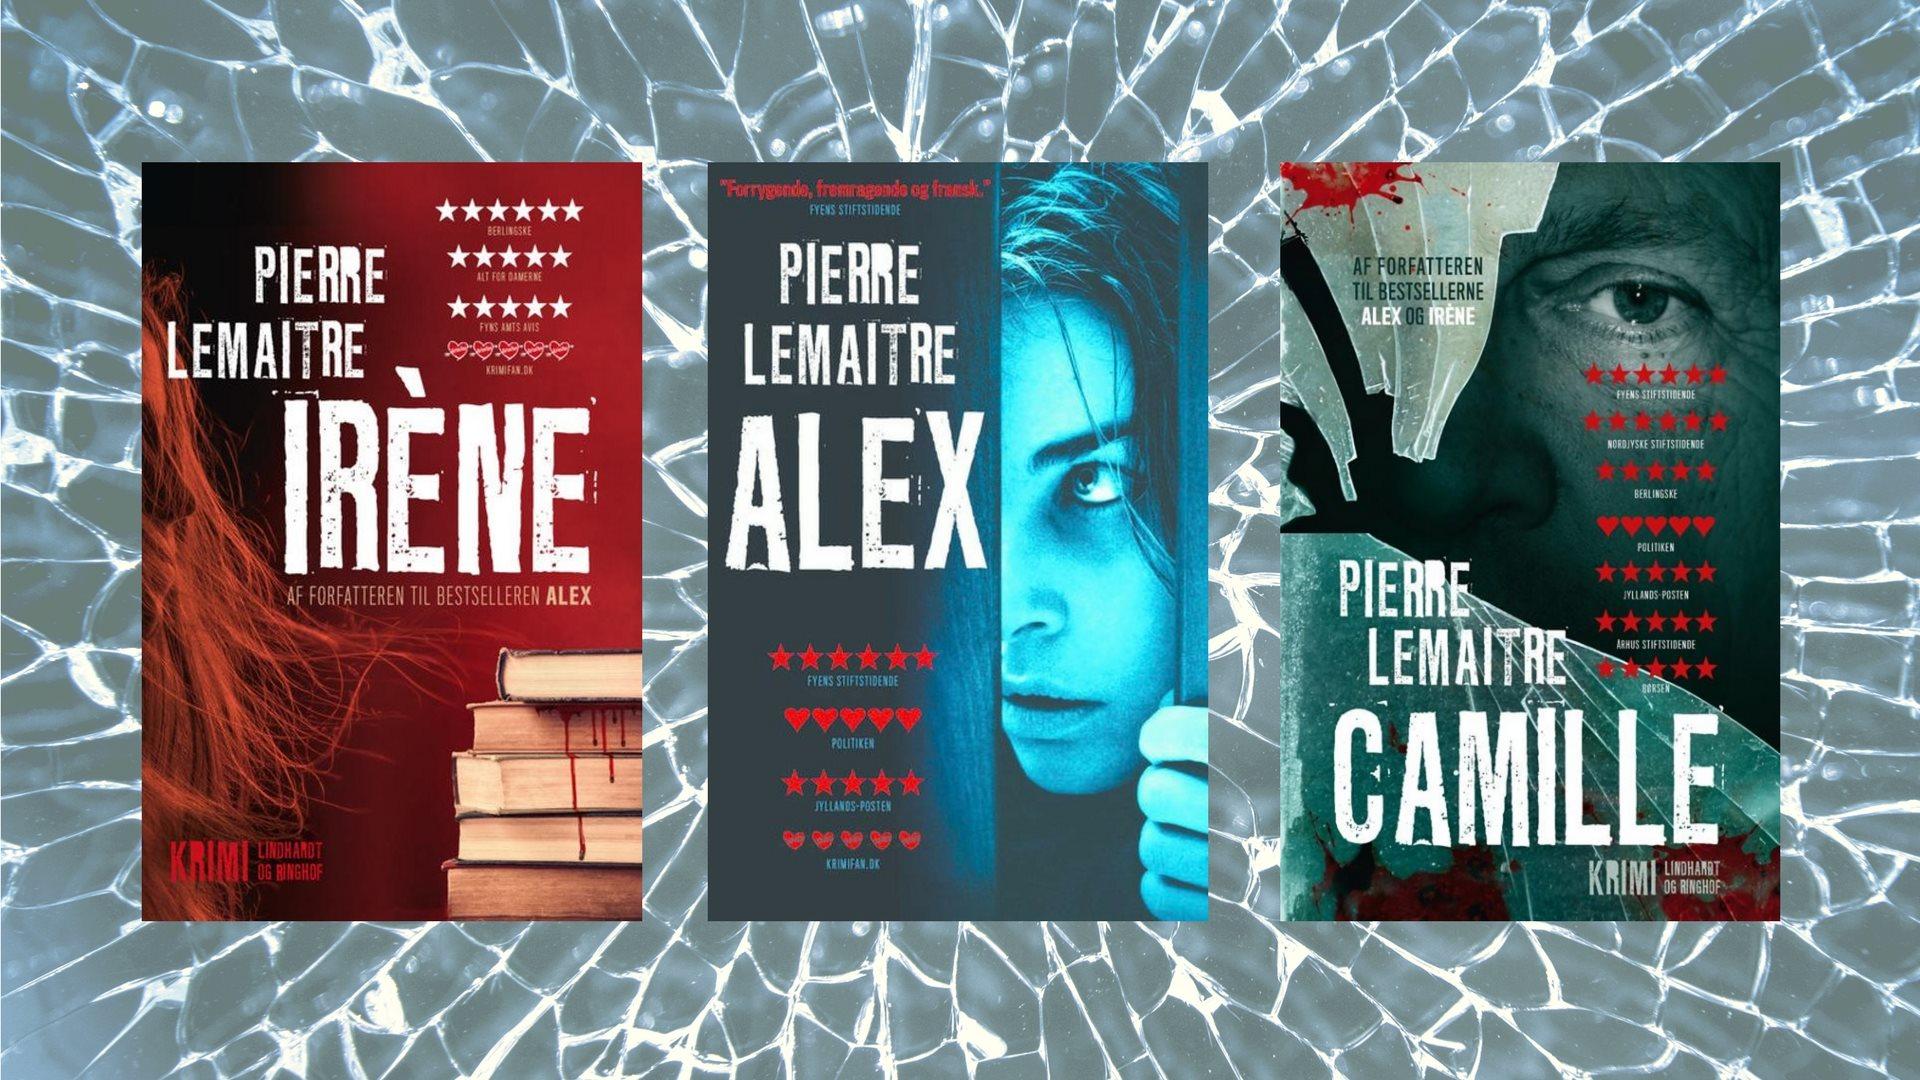 Pierre Lemaitre, Camille Verhoeven, krimitriologi, krimiserie, krimi, Iréne, Alex, Camille